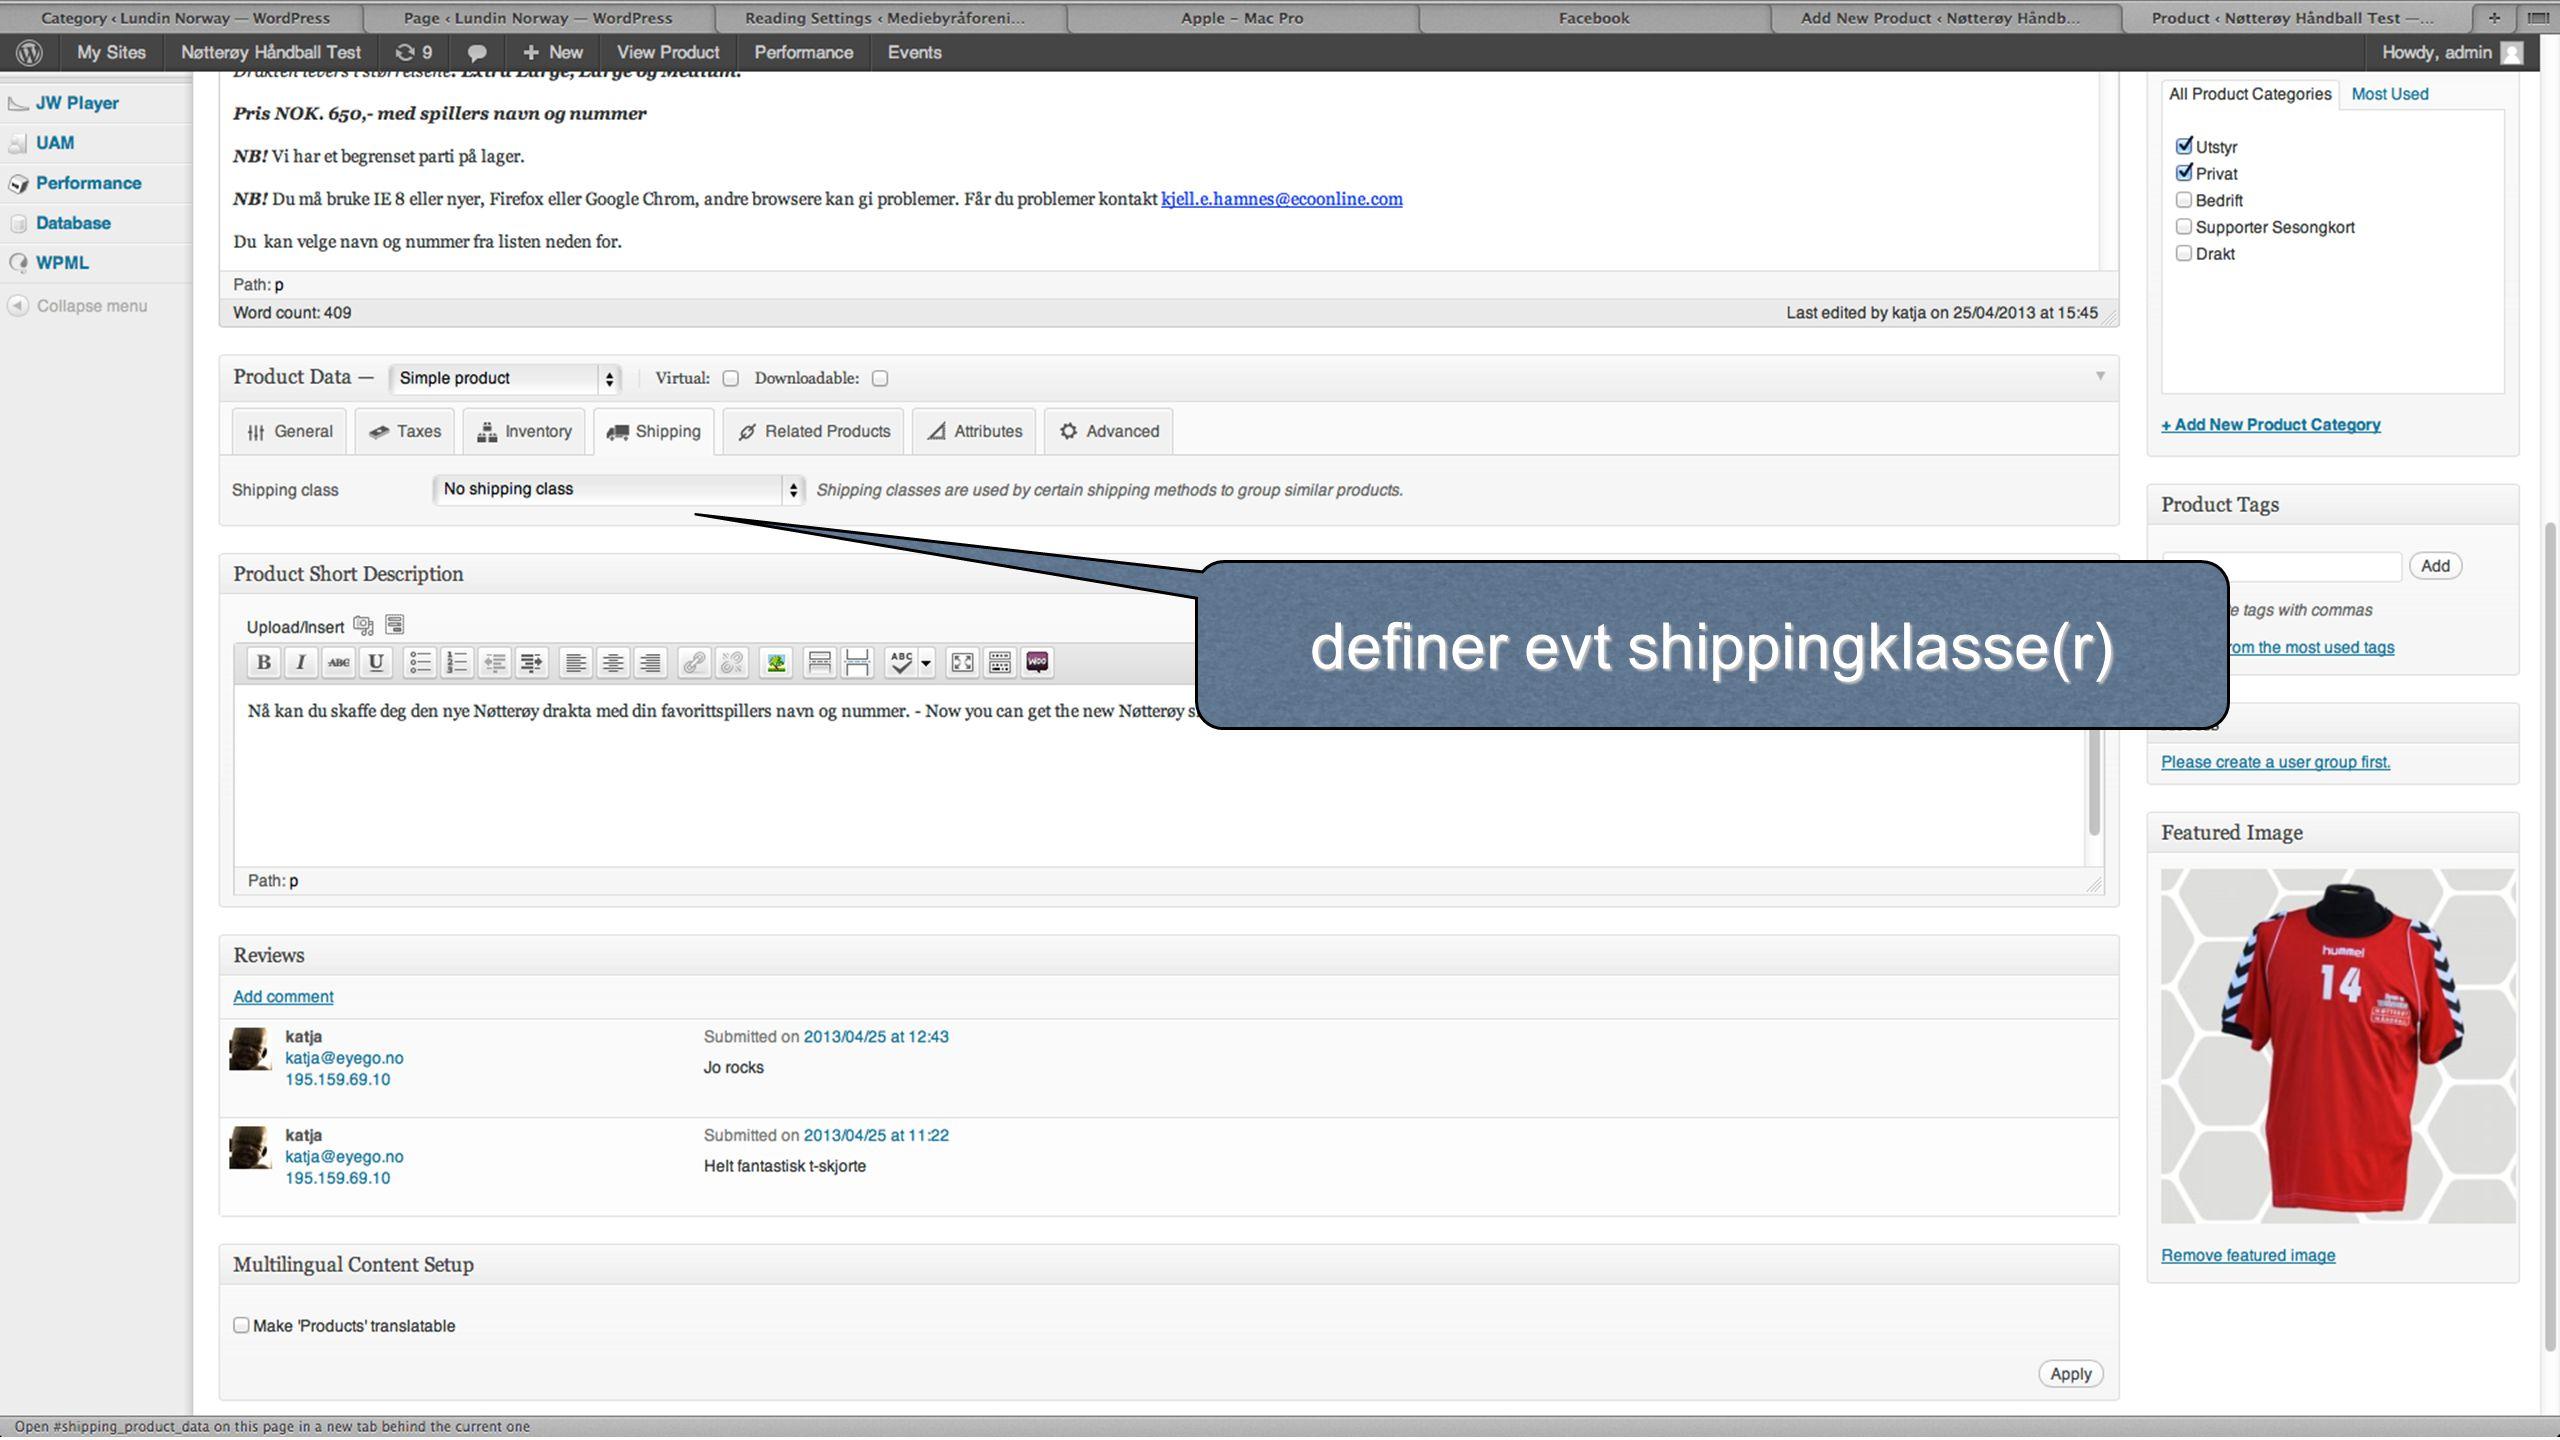 definer evt shippingklasse(r)